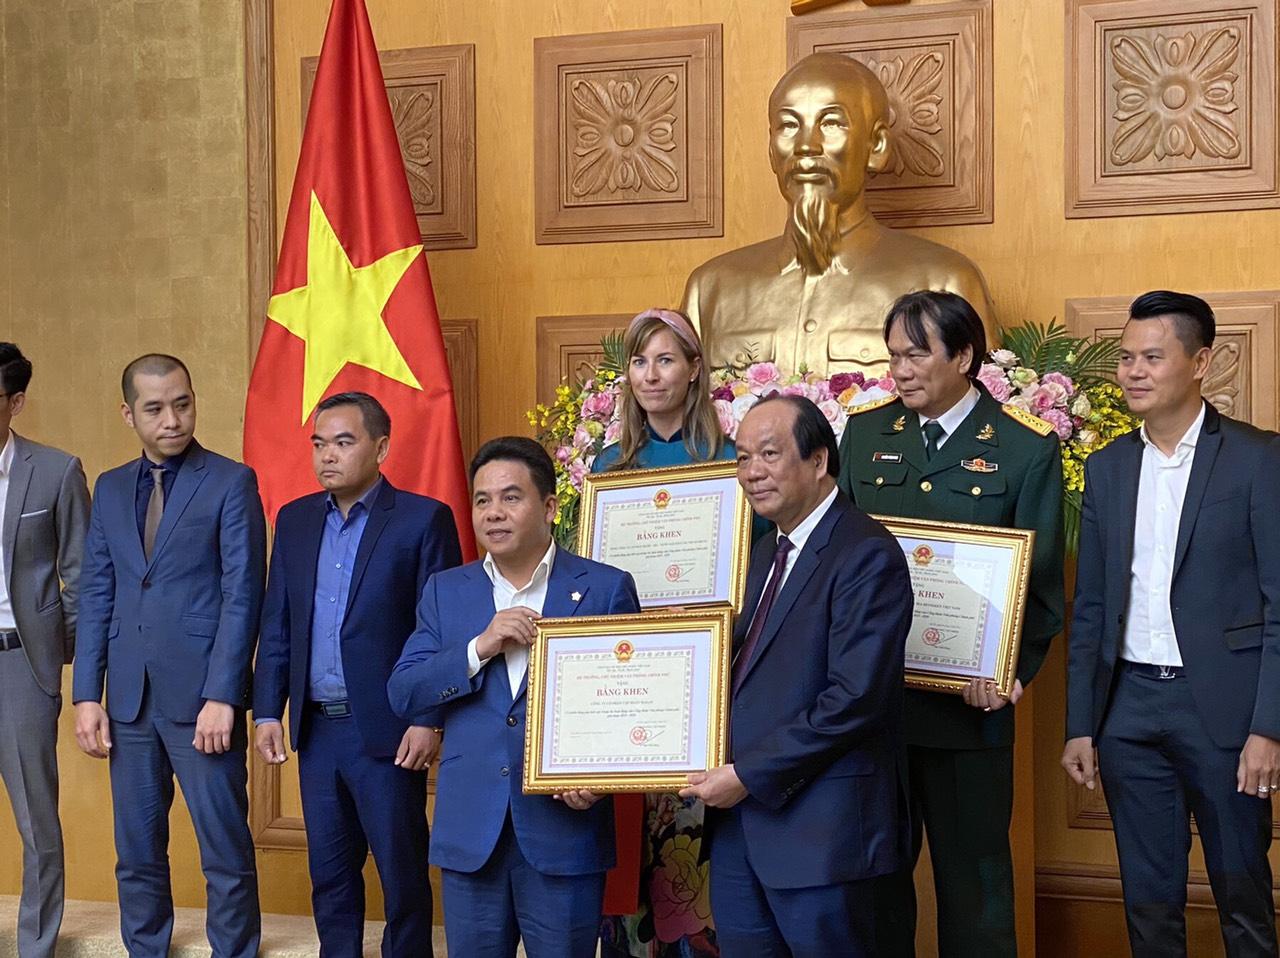 Habeco được trao tặng bằng khen của Bộ trưởng, chủ nhiệm Văn phòng Chính phủ